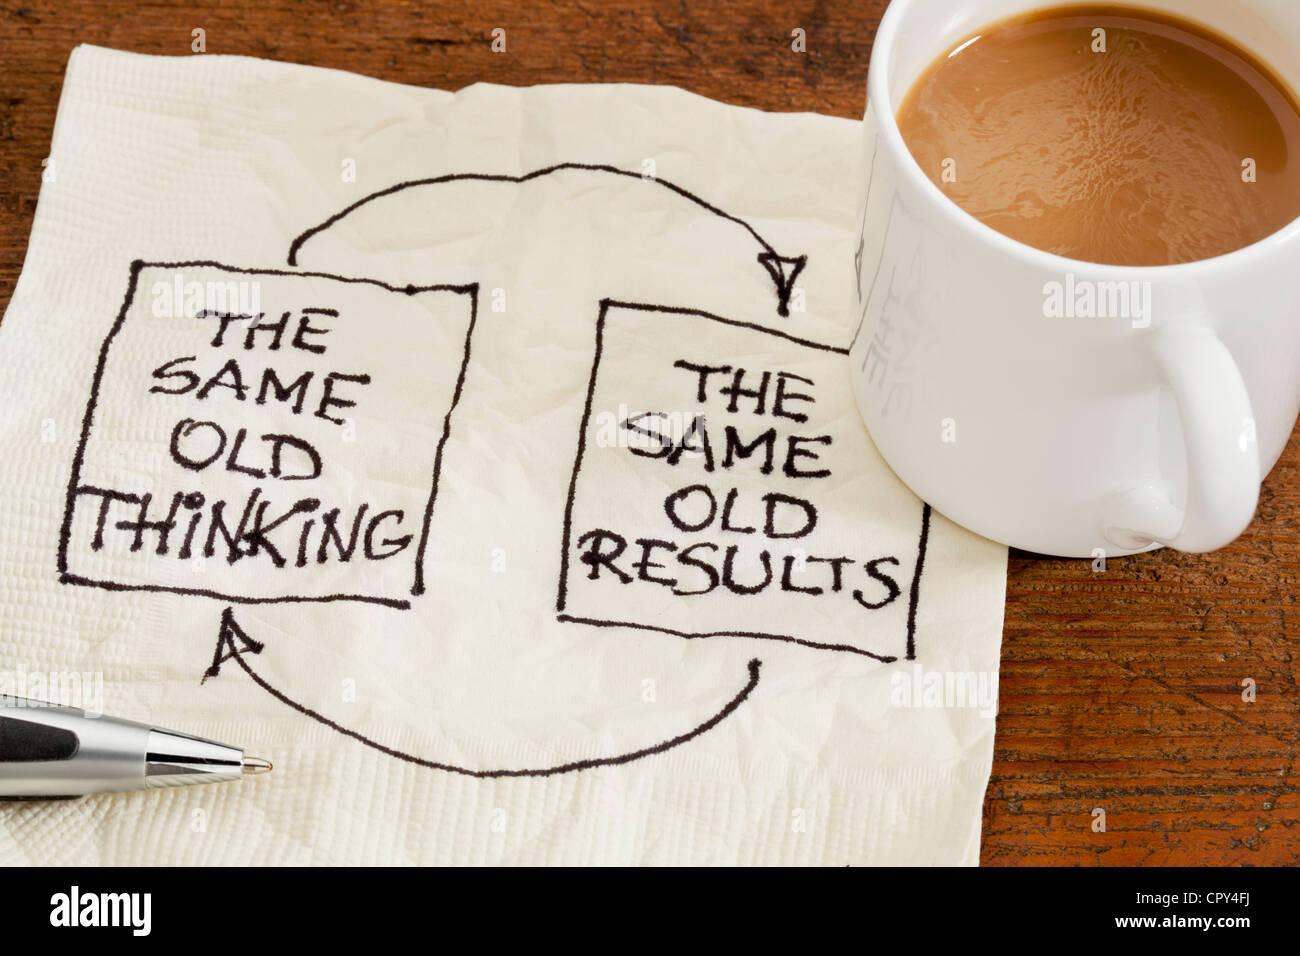 die gleichen alten denken und enttäuschende Ergebnisse, geschlossen loop oder negative Rückmeldungen Denkweise Stockbild